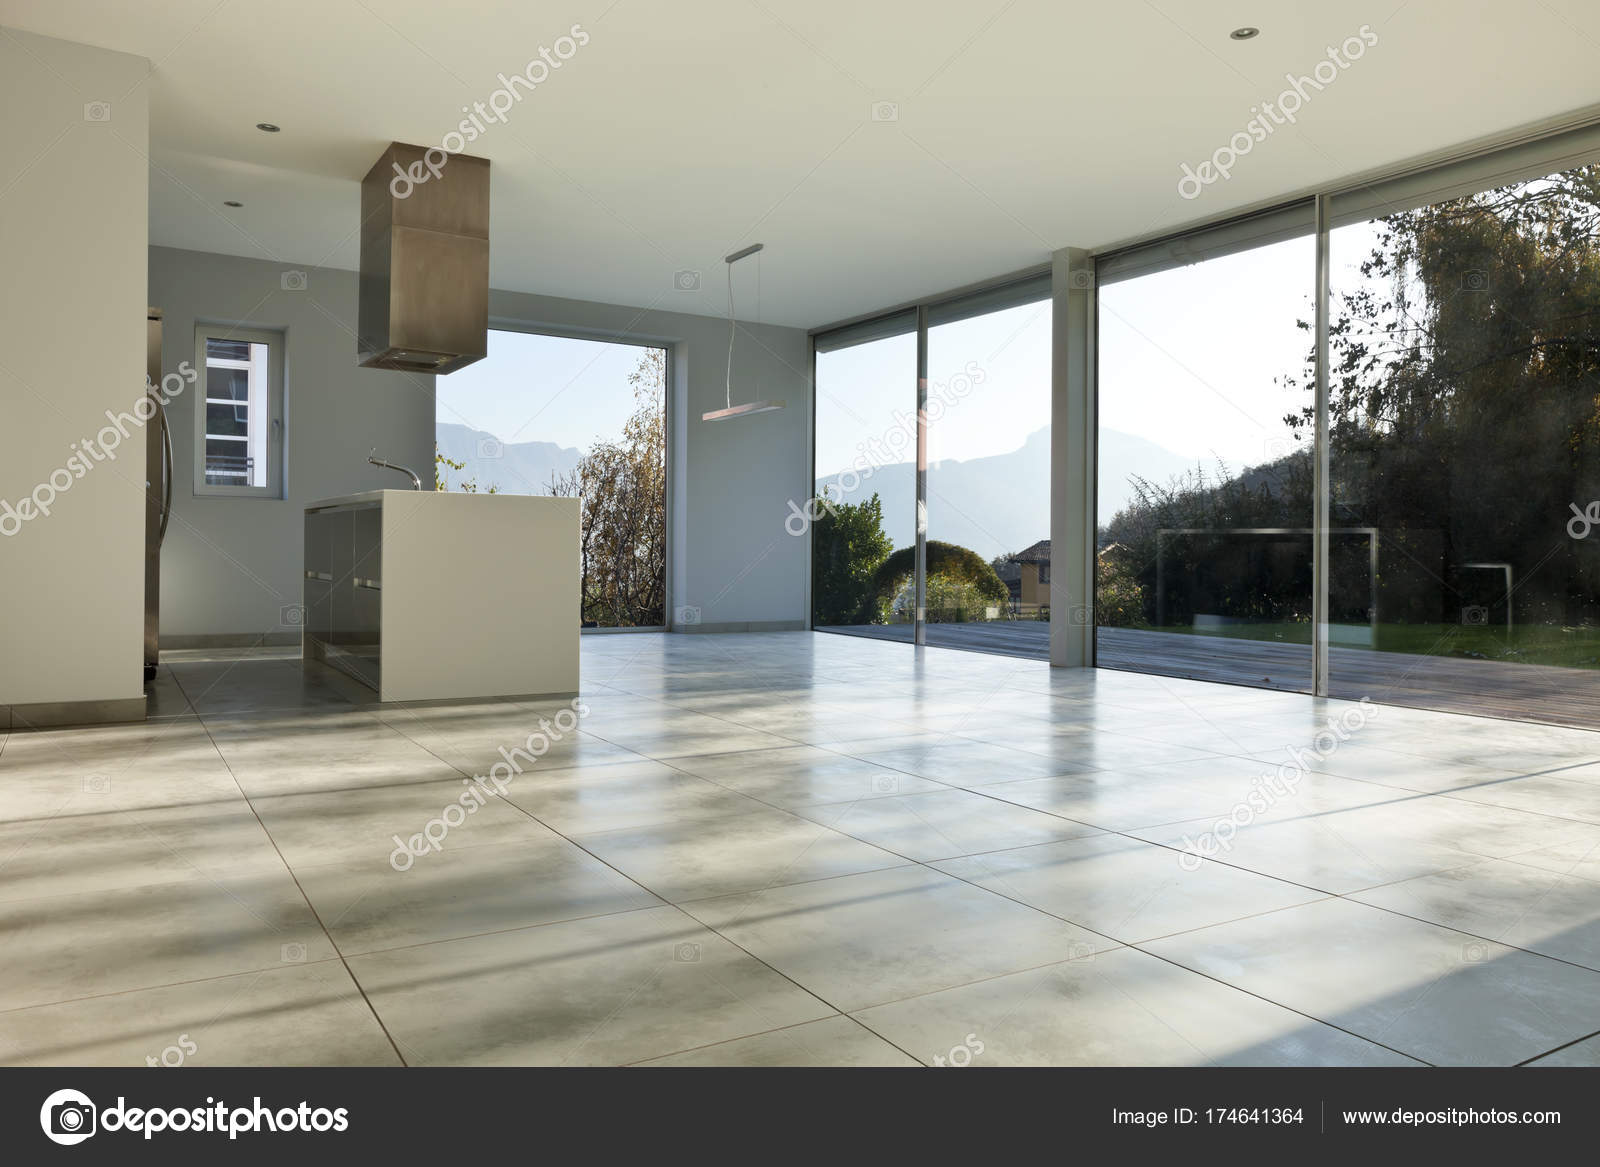 Modernes Haus Innenräume, niemand — Stockfoto © Zveiger #174641364